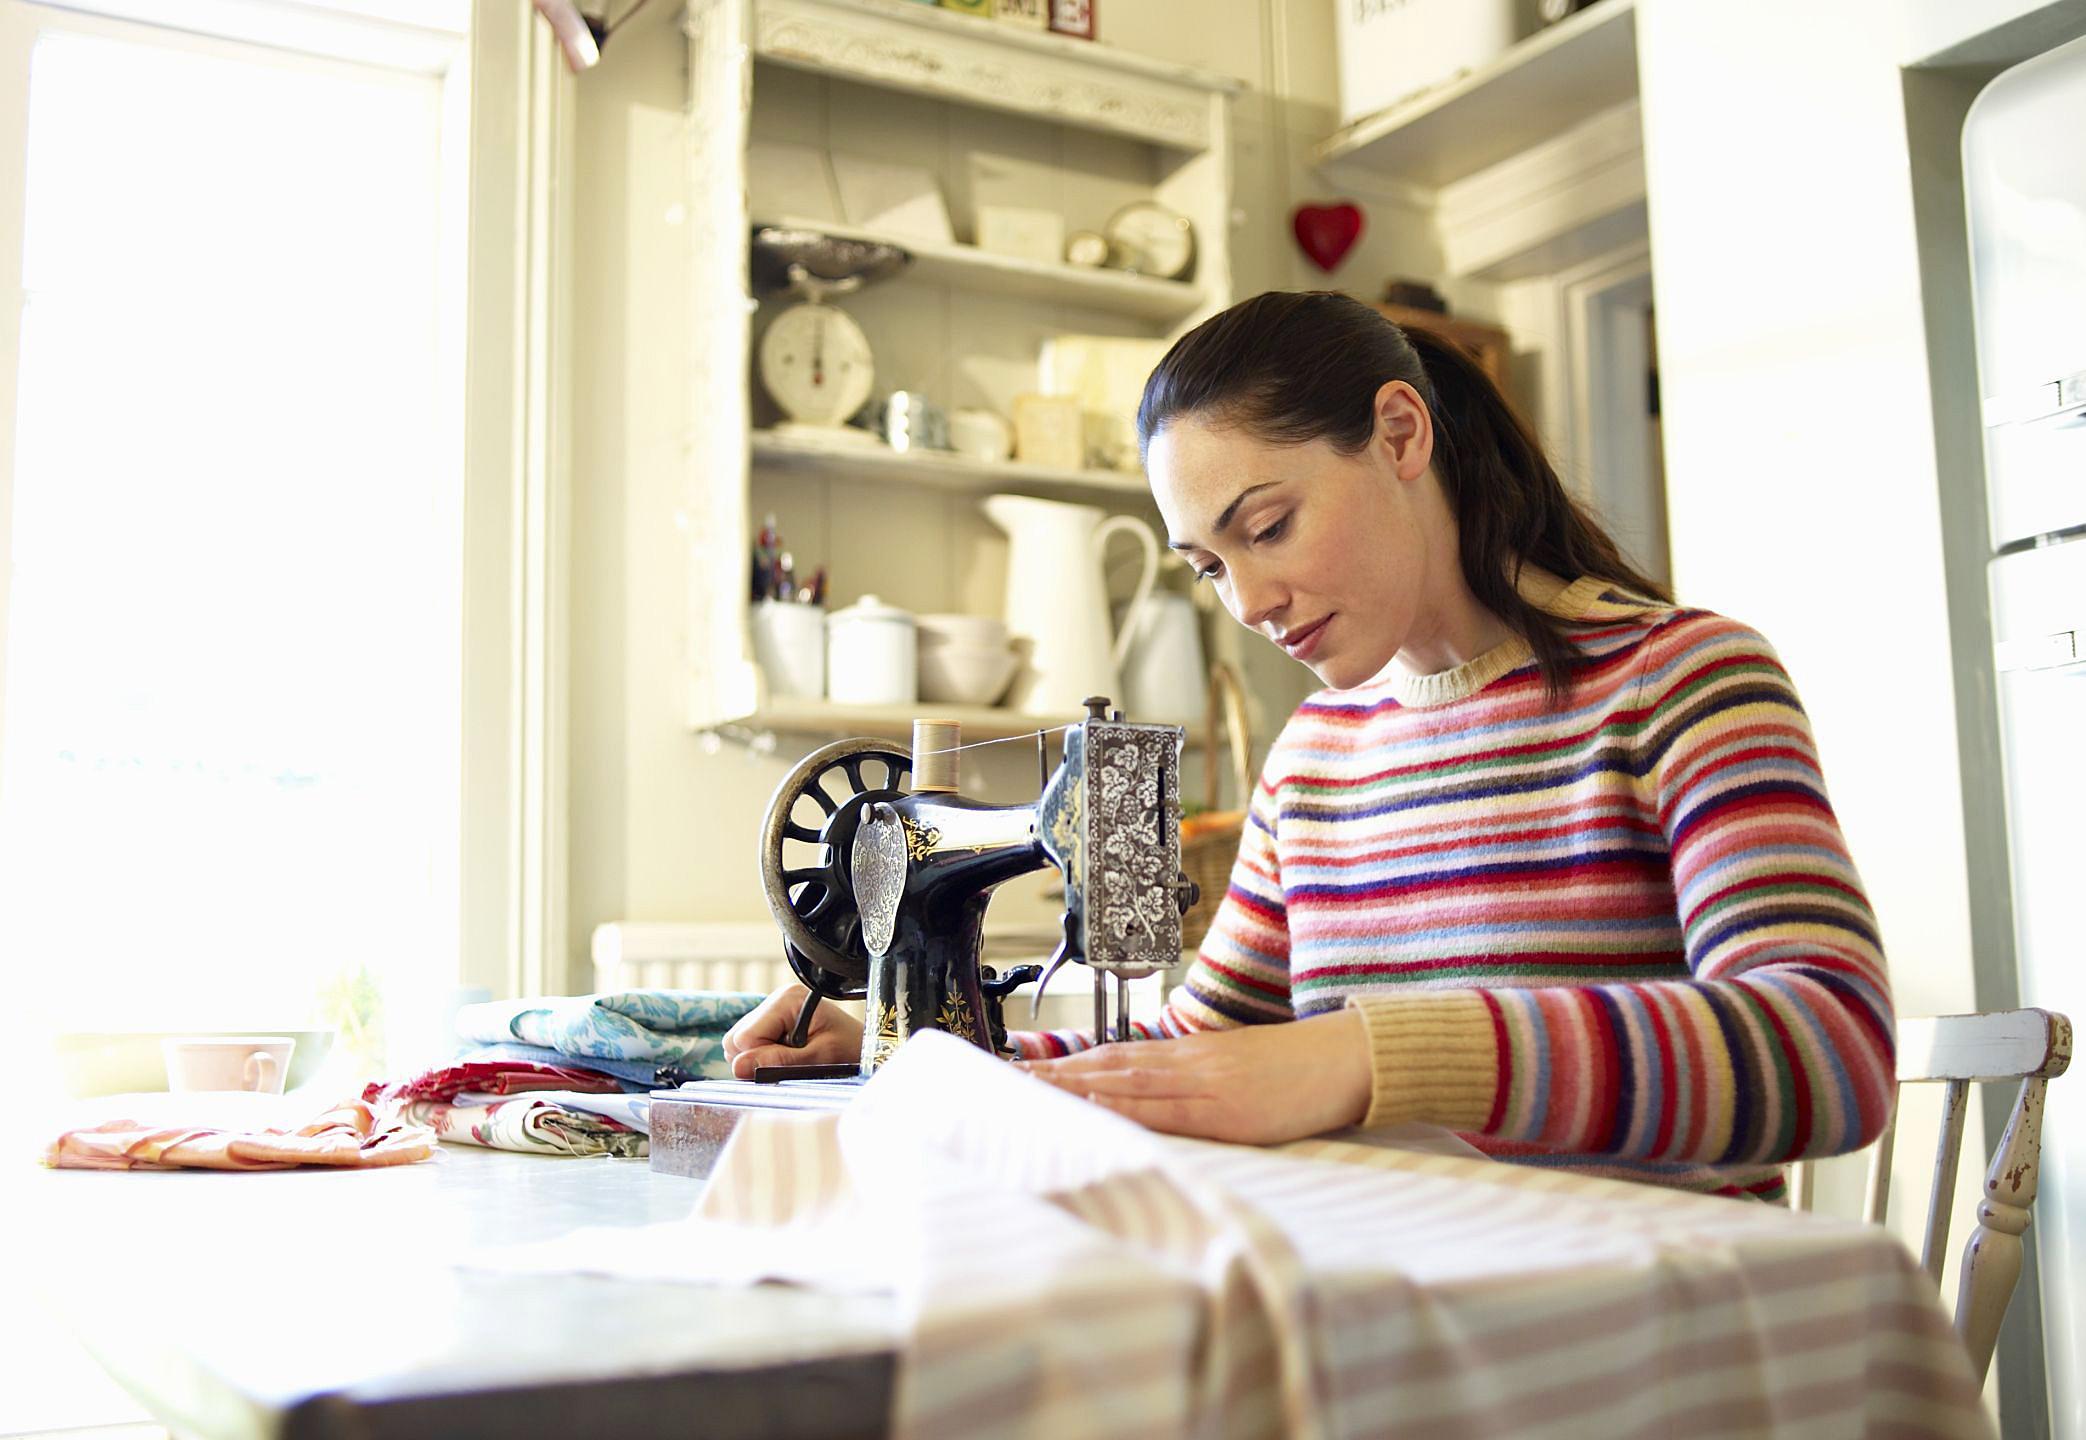 Ищу работу на дому своими руками